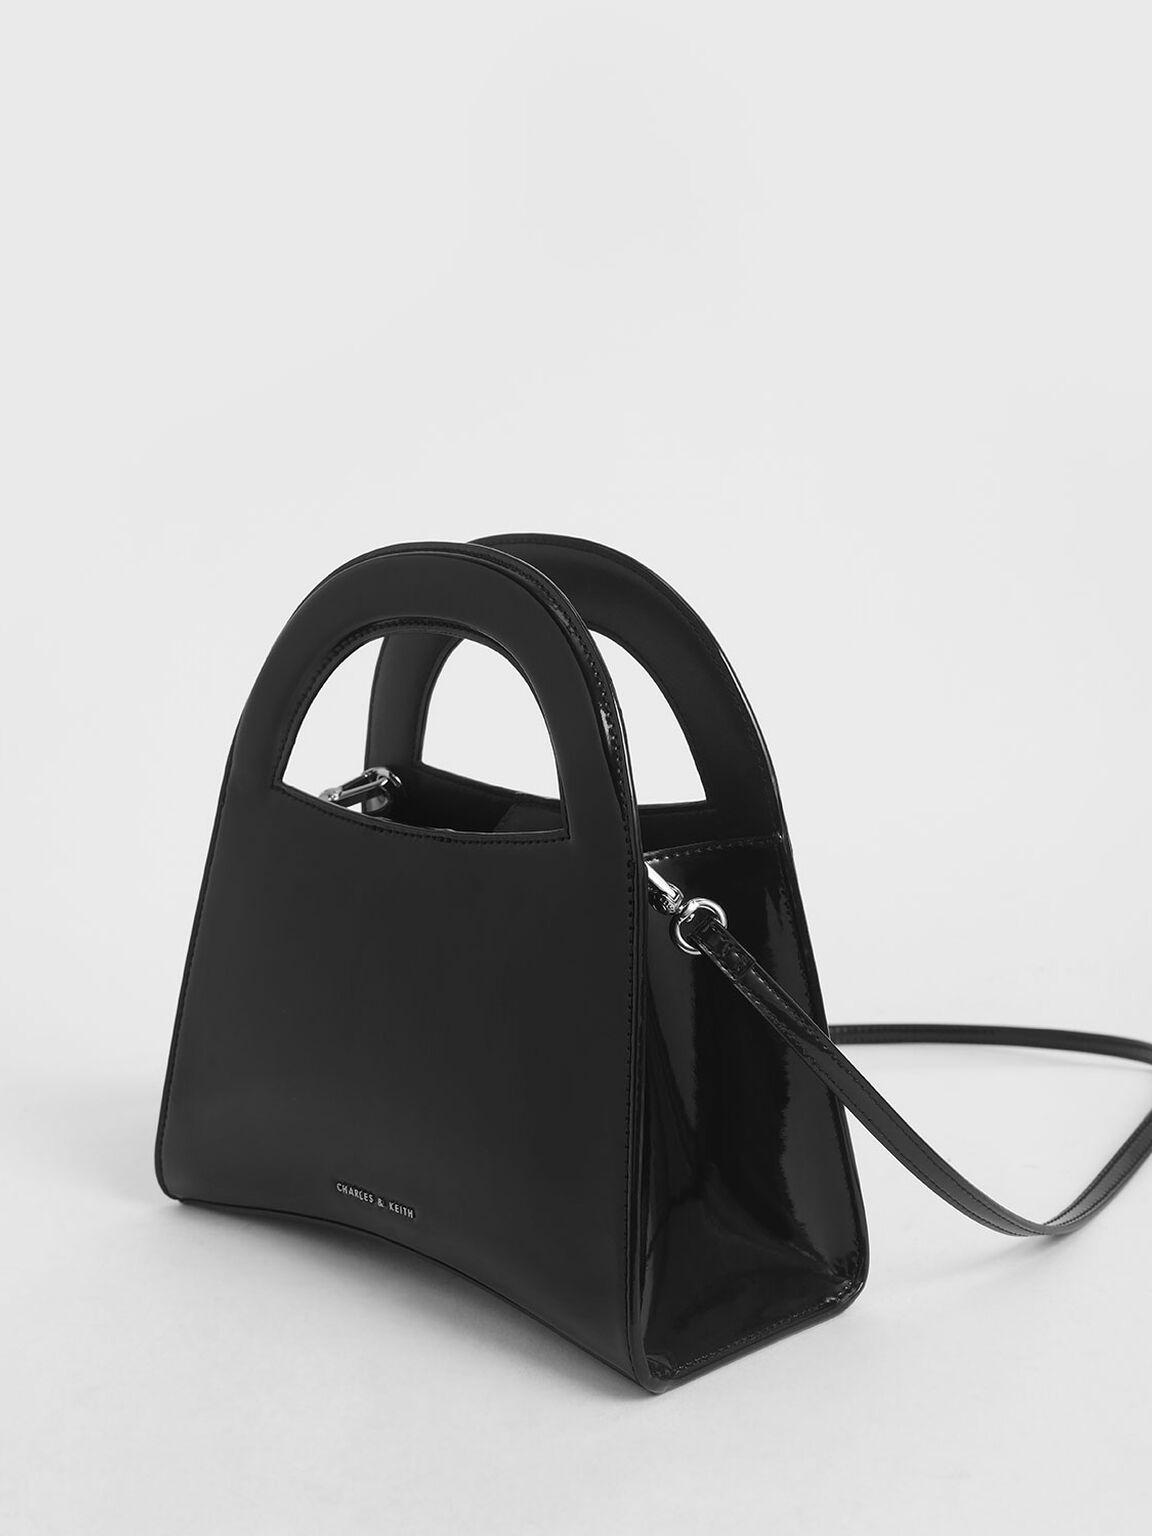 Patent Double Top Handle Handbag, Black, hi-res